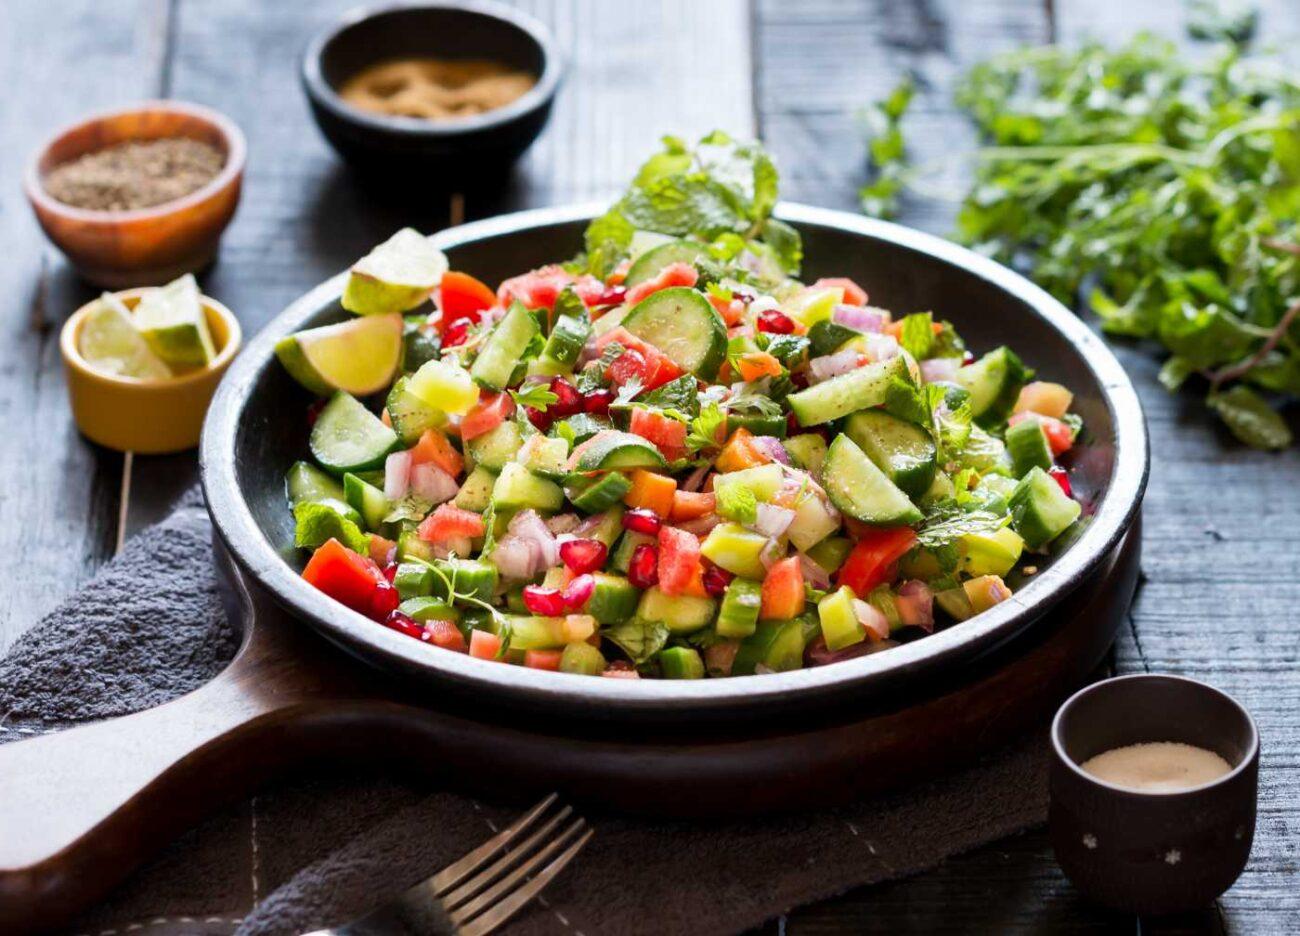 Indian cucumber salad (kachumber)